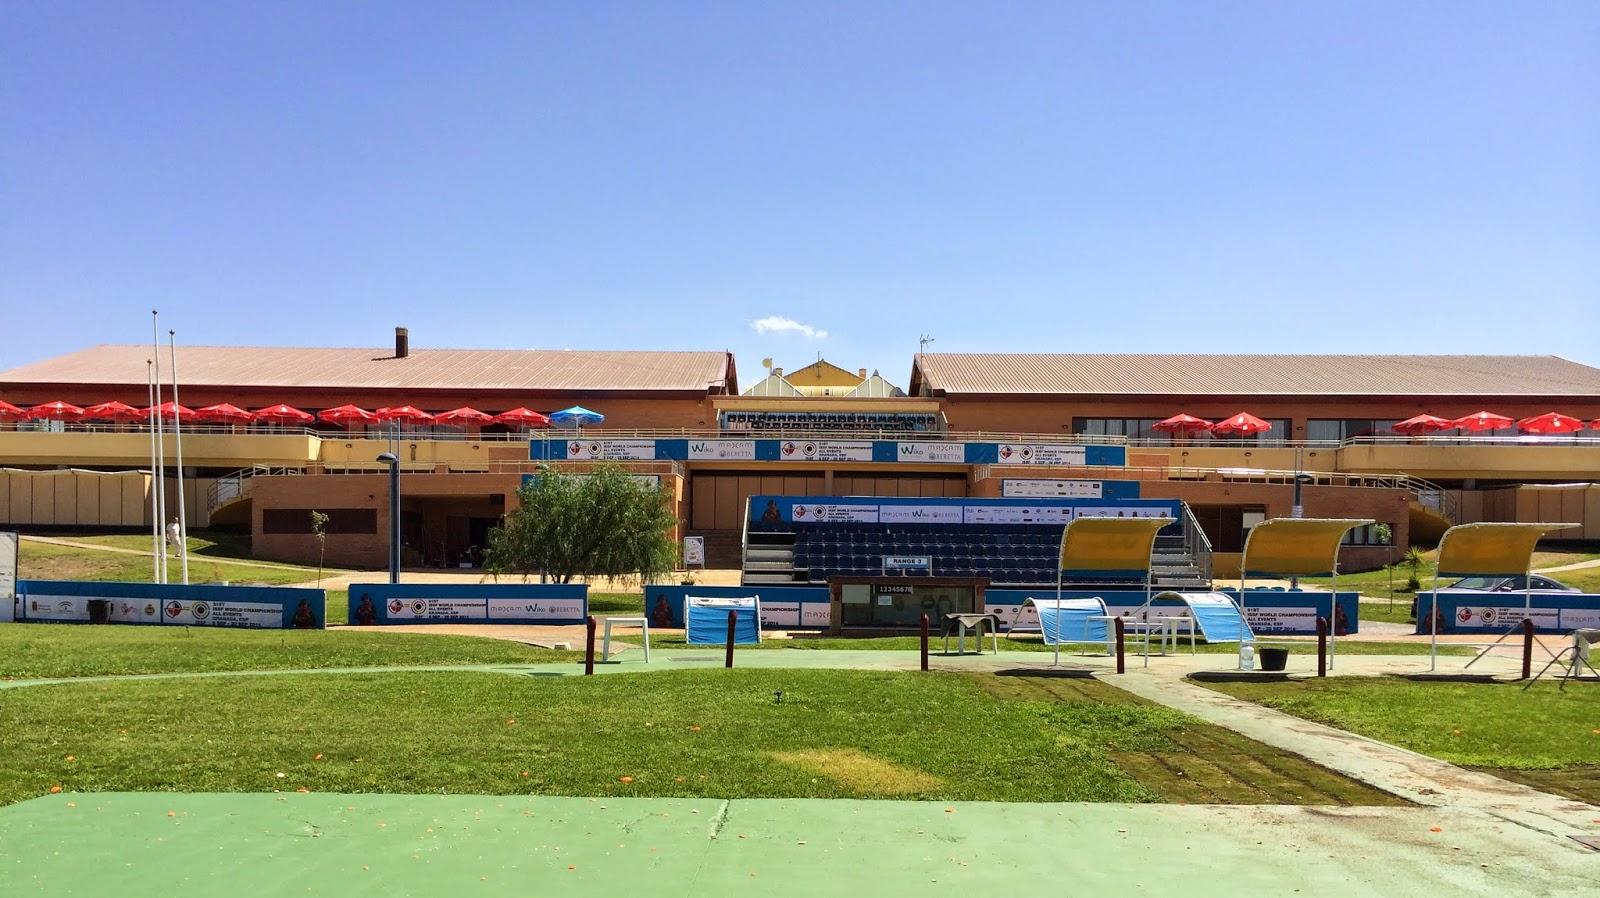 Campeonato Mundial de Tiro Esportivo começa a ser disputado segunda-feira, dia 08/09, no estande de Tiro Juan Carlos I em Granada - Foto: Real Federación de Tiro Olímpico/ Reprodução